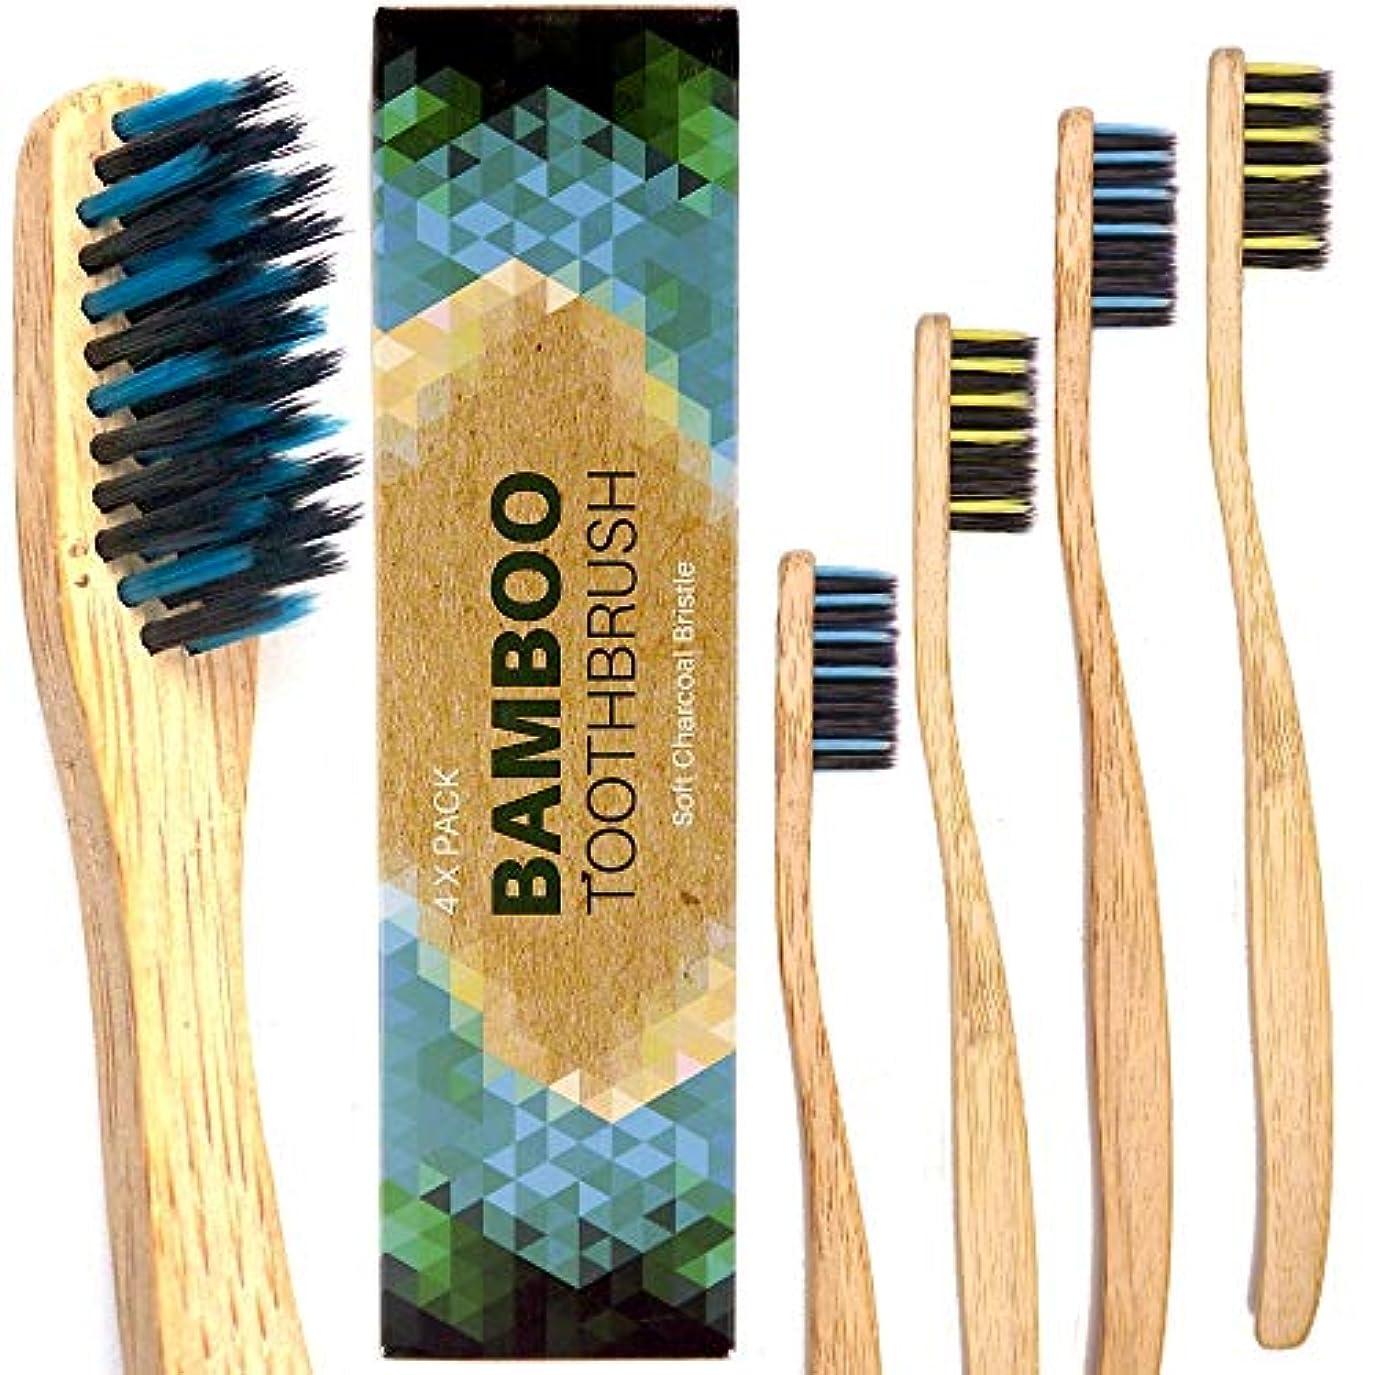 抵当緊急ライオン竹製歯ブラシ。チャコールブリストル大人 - ミディアム及びソフト、生分解性、ビーガン、バイオ、エコ、持続可能な木製ハンドル4本パック4 Bamboo Toothbrushes, ホワイトニング 歯, ドイツの品質, 竹歯ブラシ